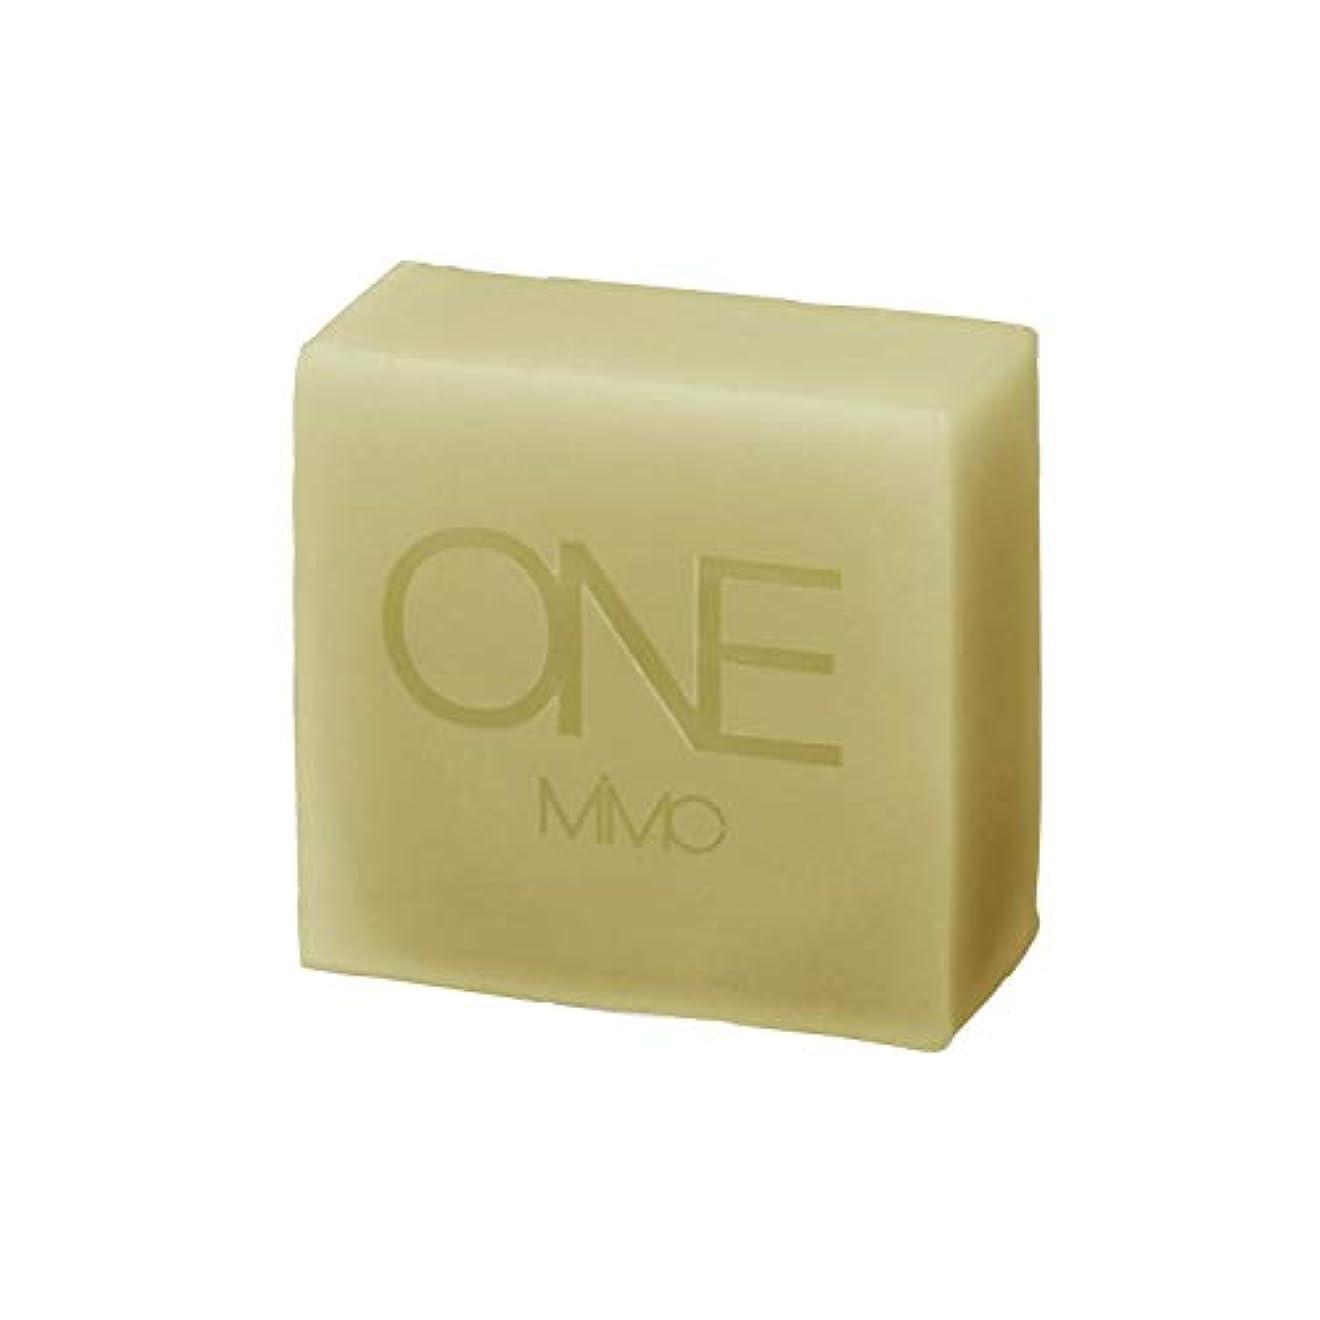 【MiMC ONE(エムアイエムシー ワン)】ハーブプロテクトソープ フォーアウトドア/アブサンガード 85g